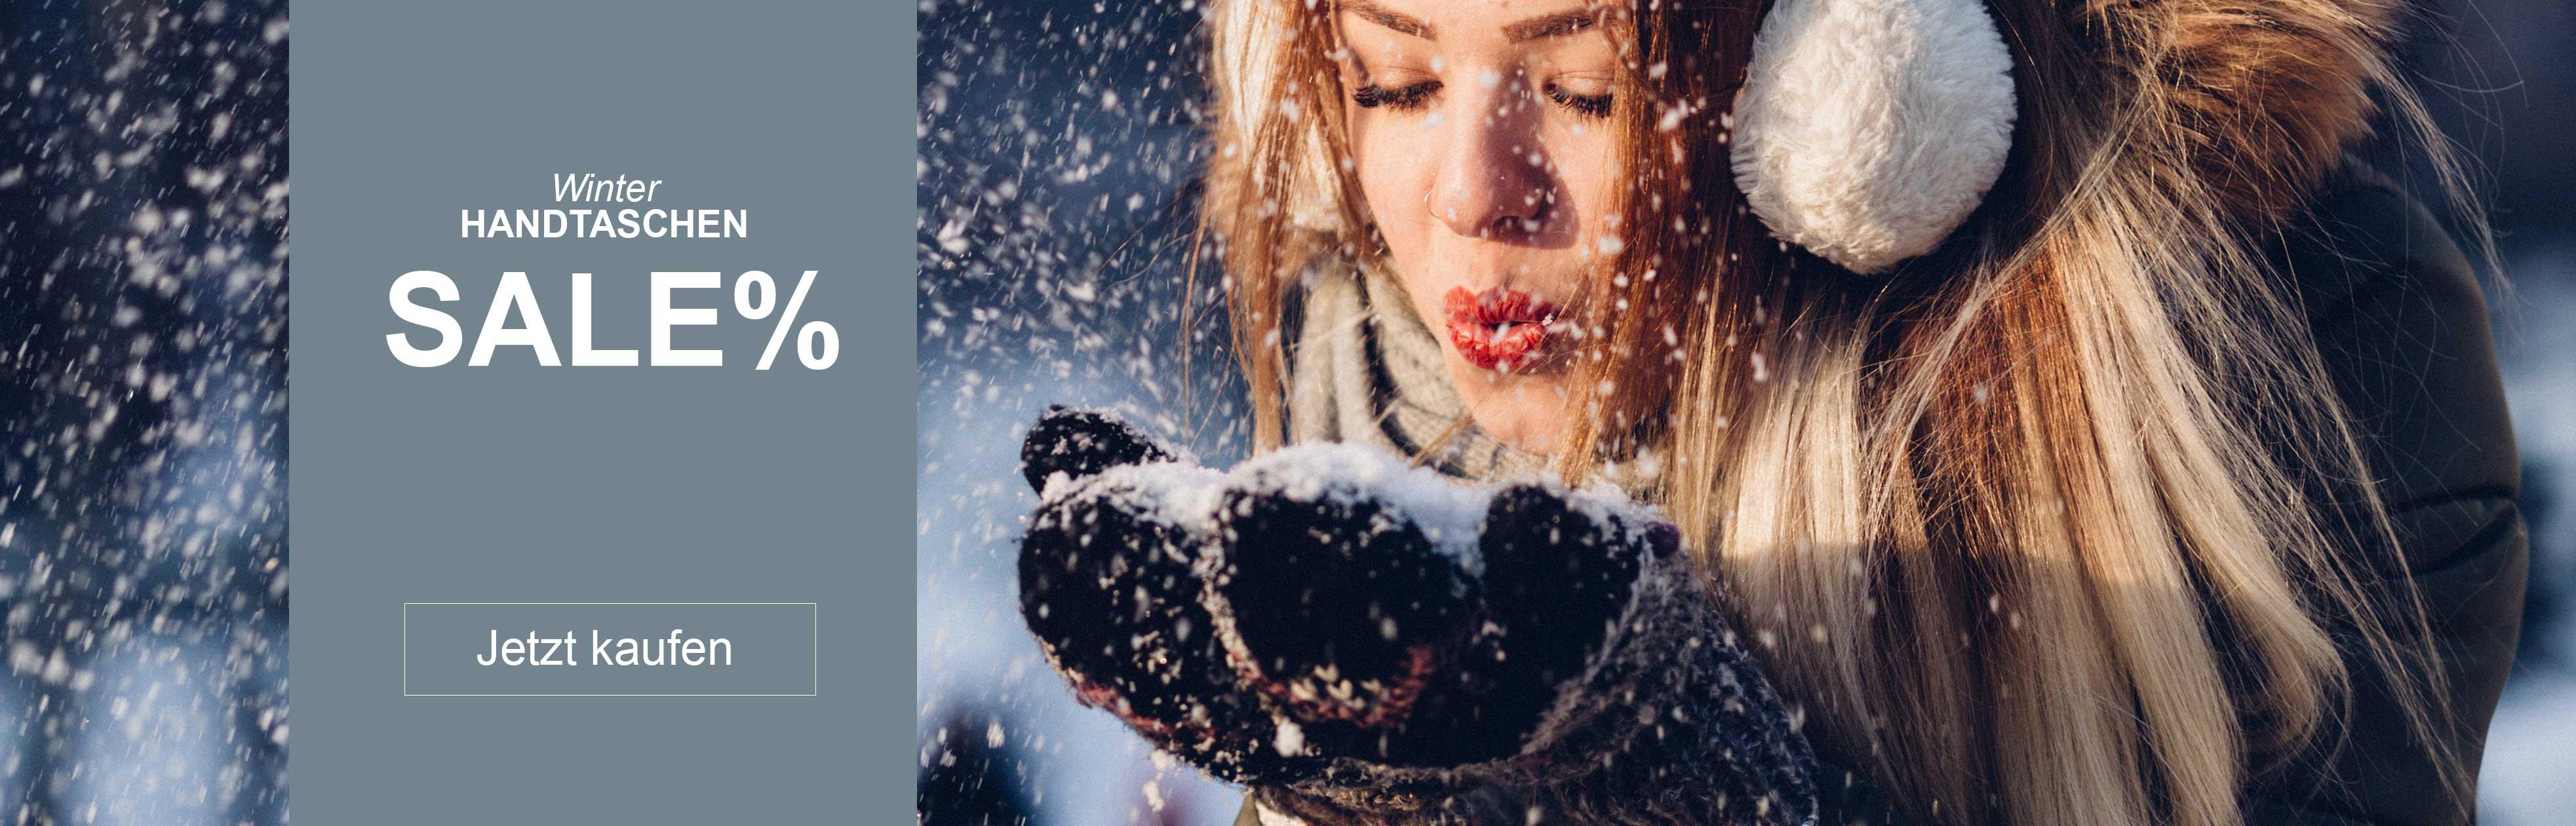 Damenhandtaschen von Delieta Winterangebote Slider